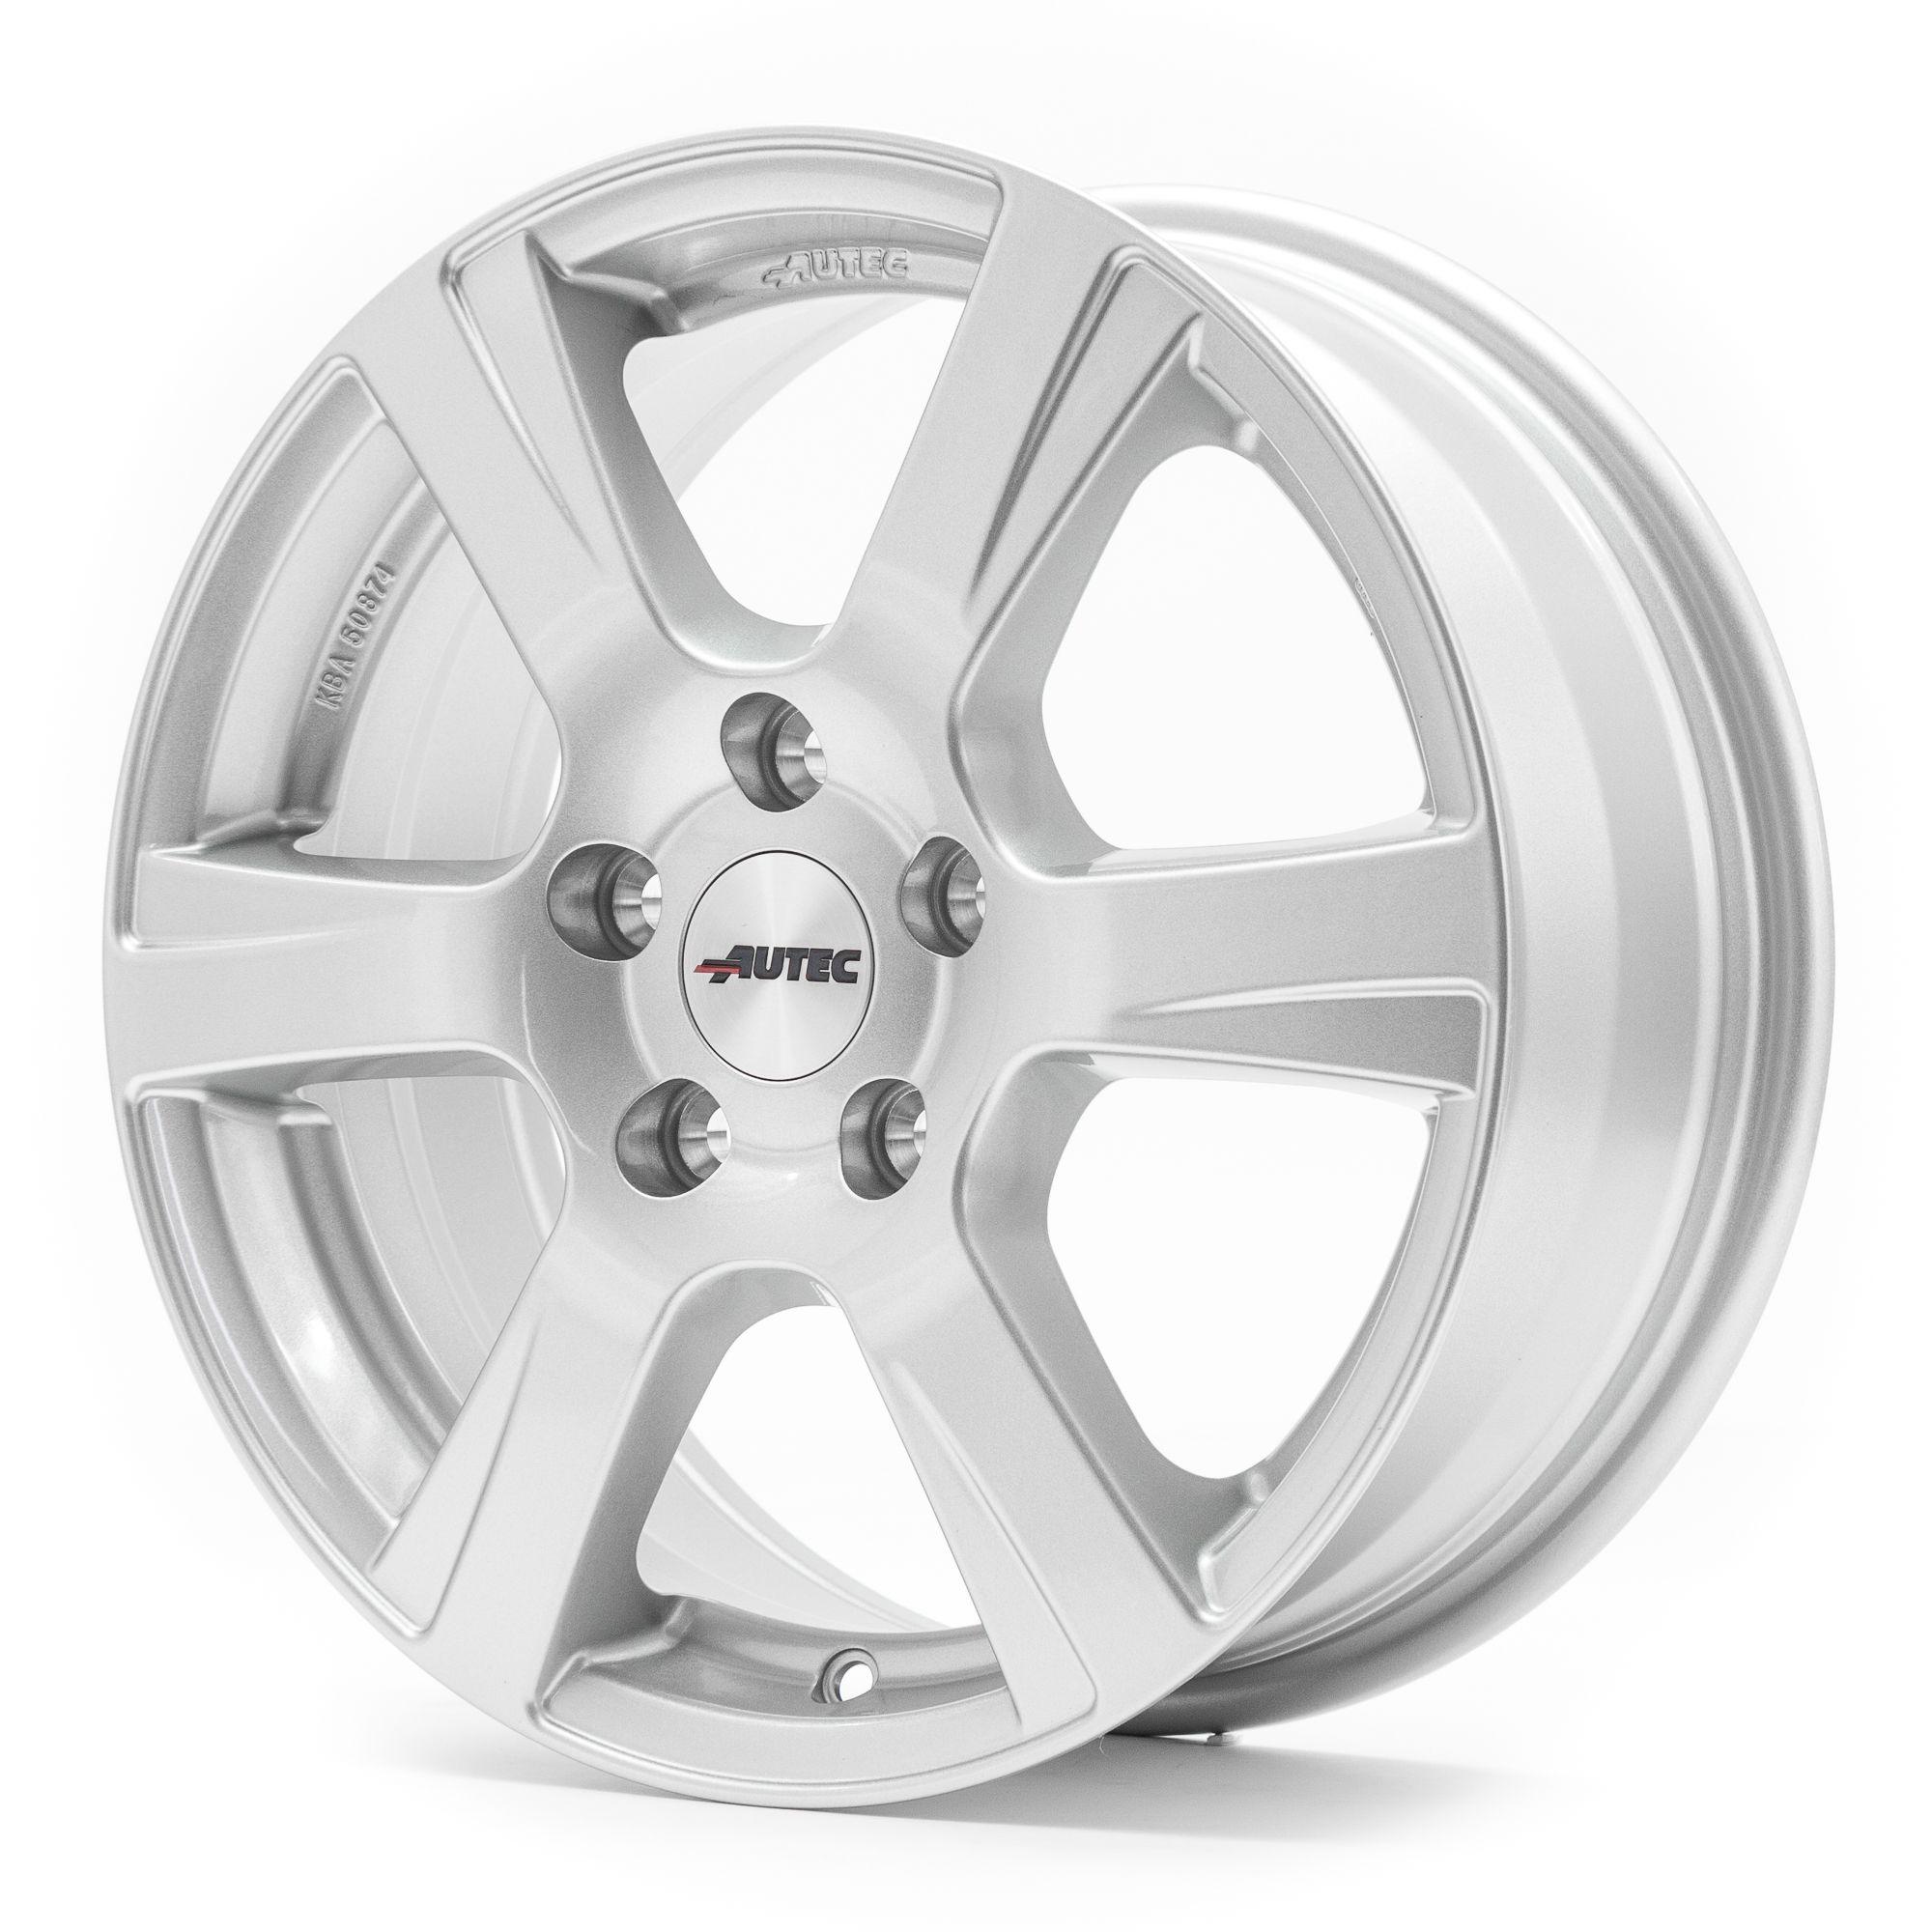 Autec Polaric 6x15 5x114,3 ET39 DIA60,1 (brilliant silver)